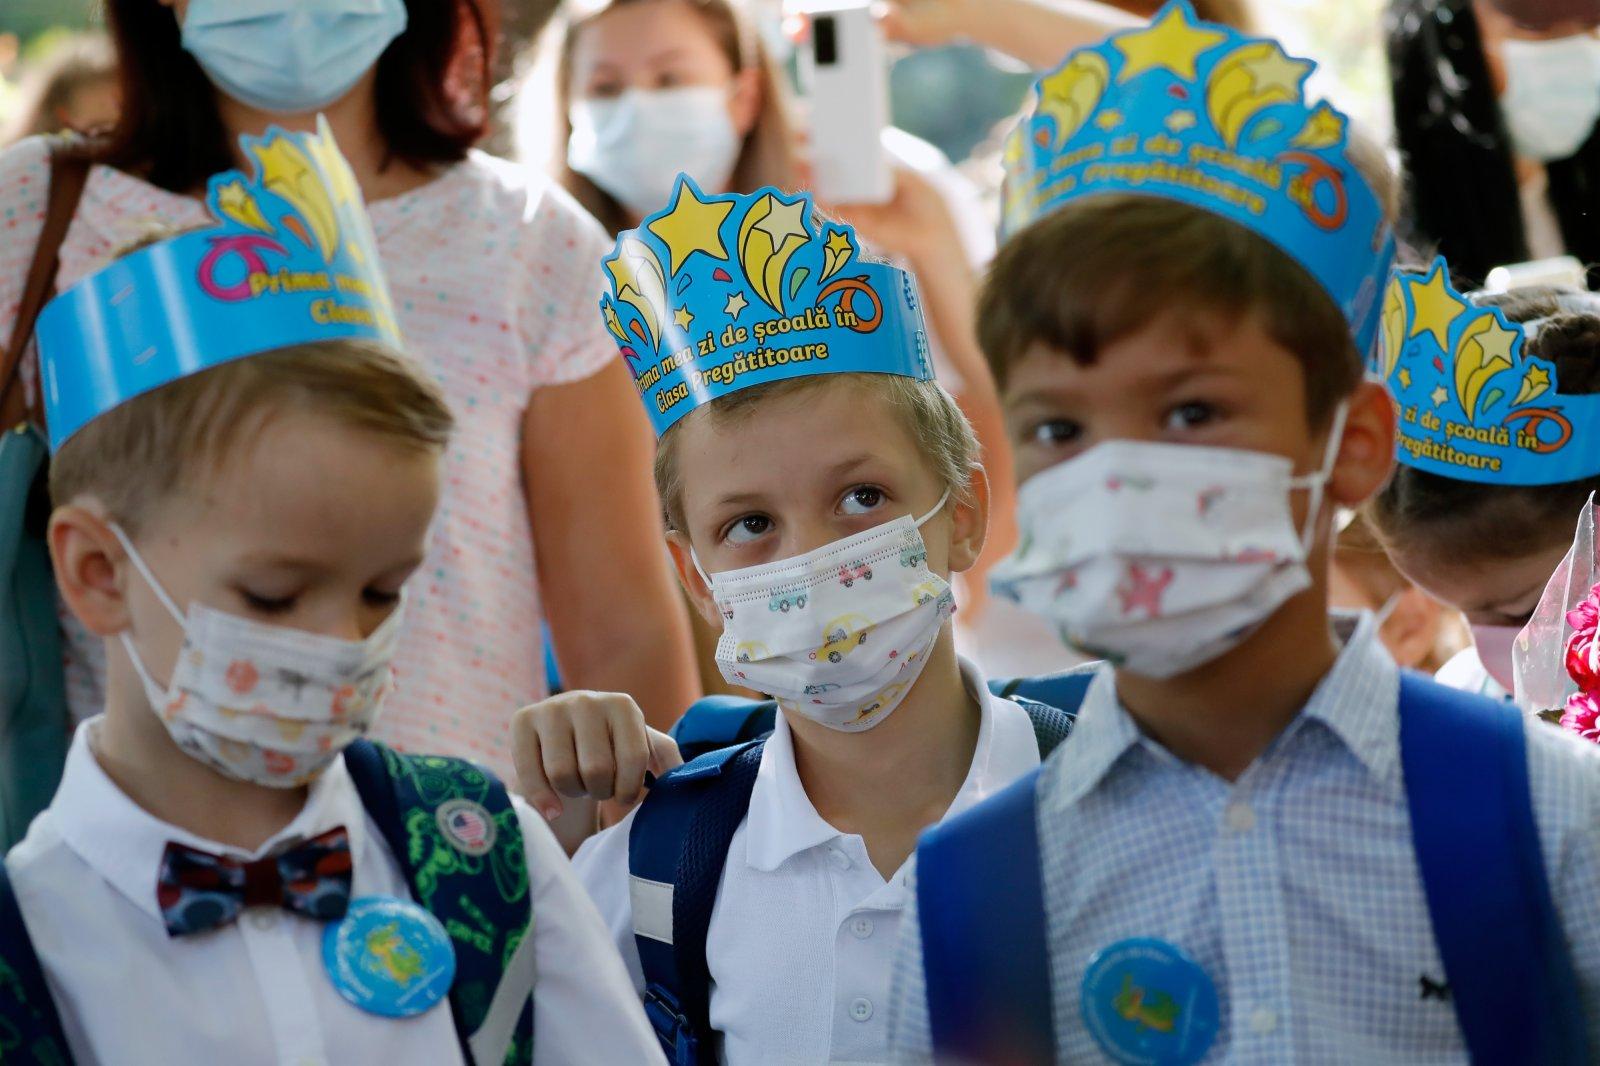 9月13日,在羅馬尼亞首都布加勒斯特,學生等待新學期開學典禮。當日,羅馬尼亞全國中小學開學,由於疫情日趨嚴重,政府要求所有人員必須戴口罩。(新華社)